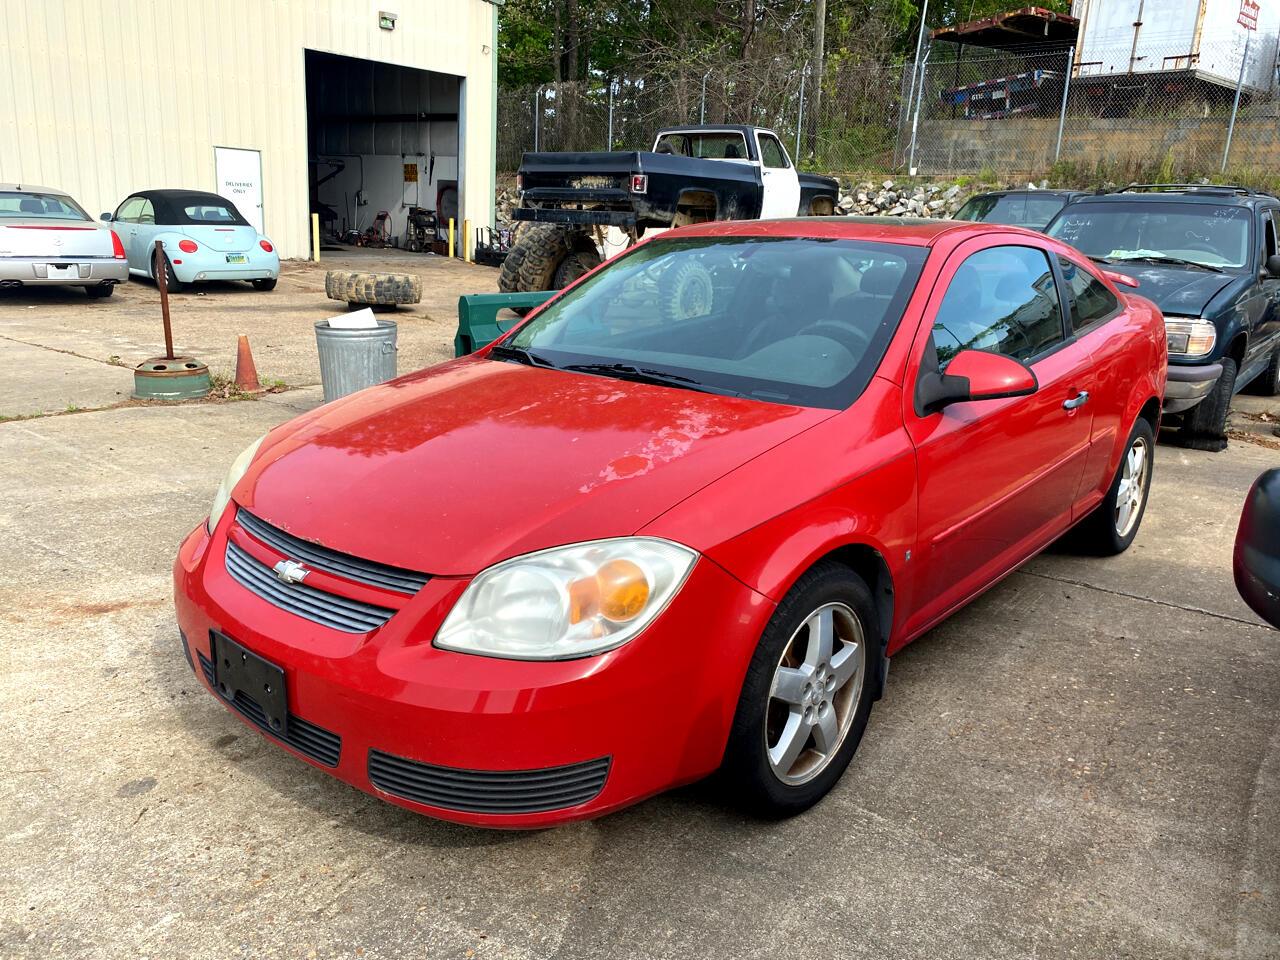 Chevrolet Cobalt LT2 Coupe 2007